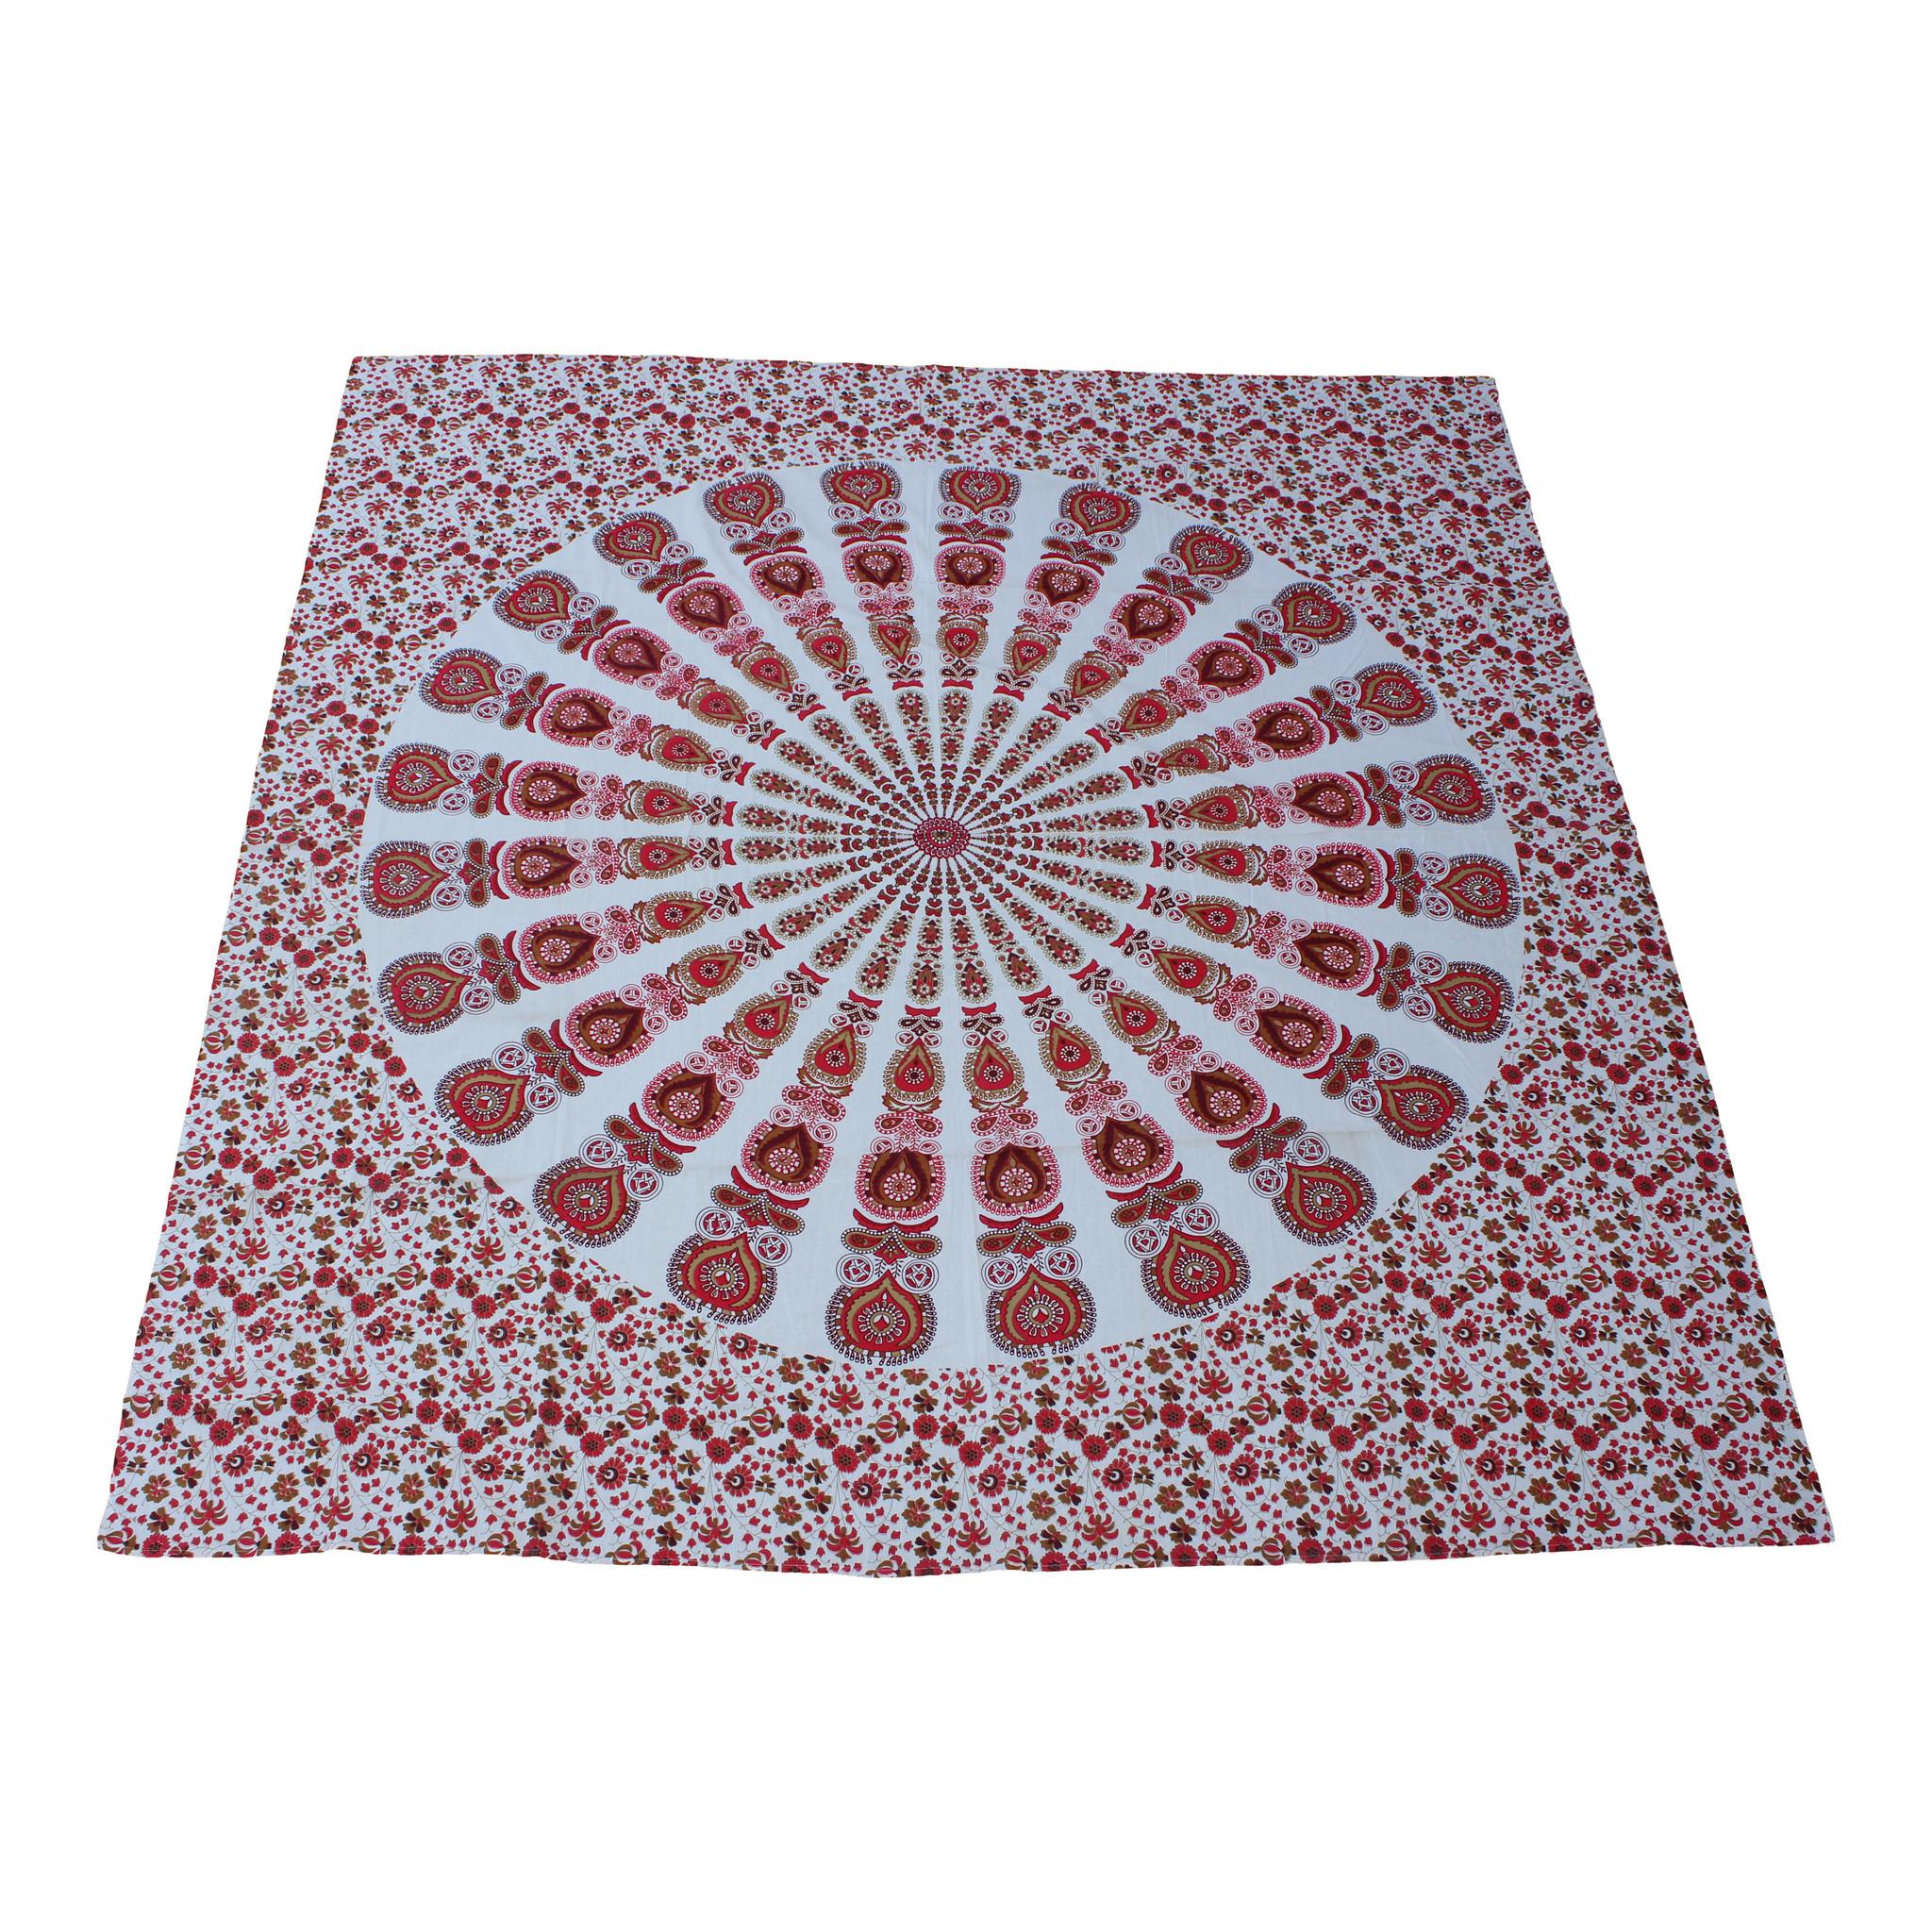 Myroundie Myroundie - roundie - vierkant strandlaken XL – yoga kleed- speelkleed - picknickkleed -100% katoen – Q12